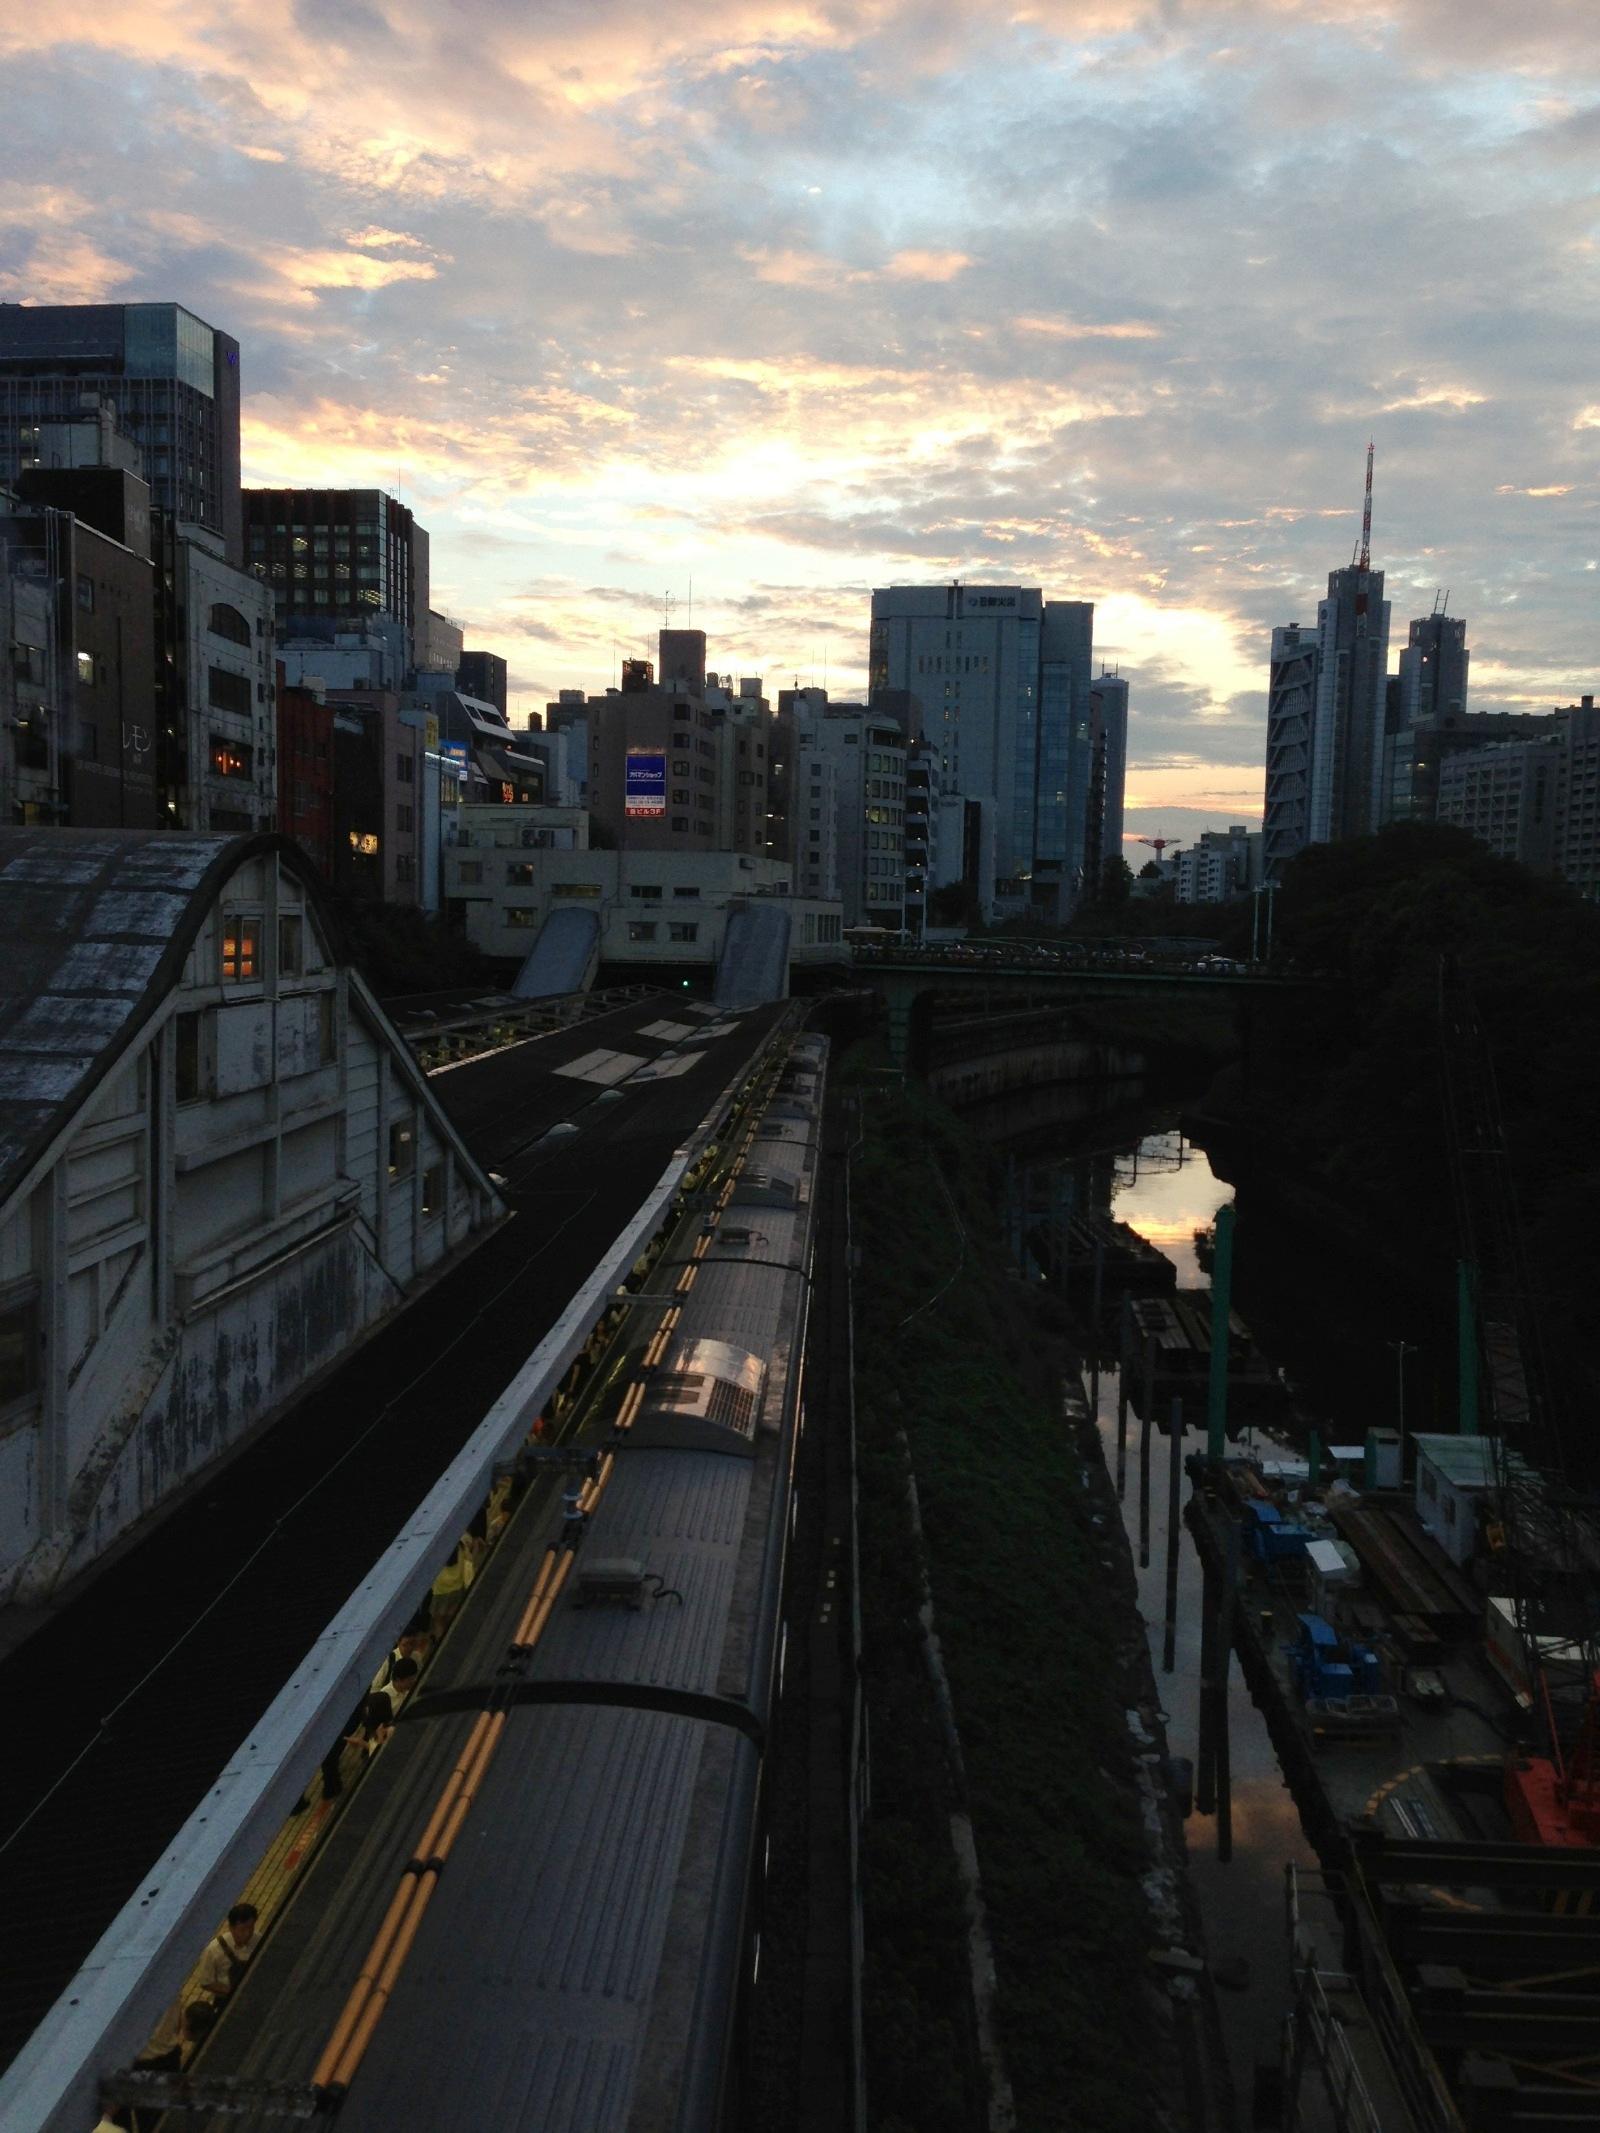 Sunset, Ochanomizu, Tokyo